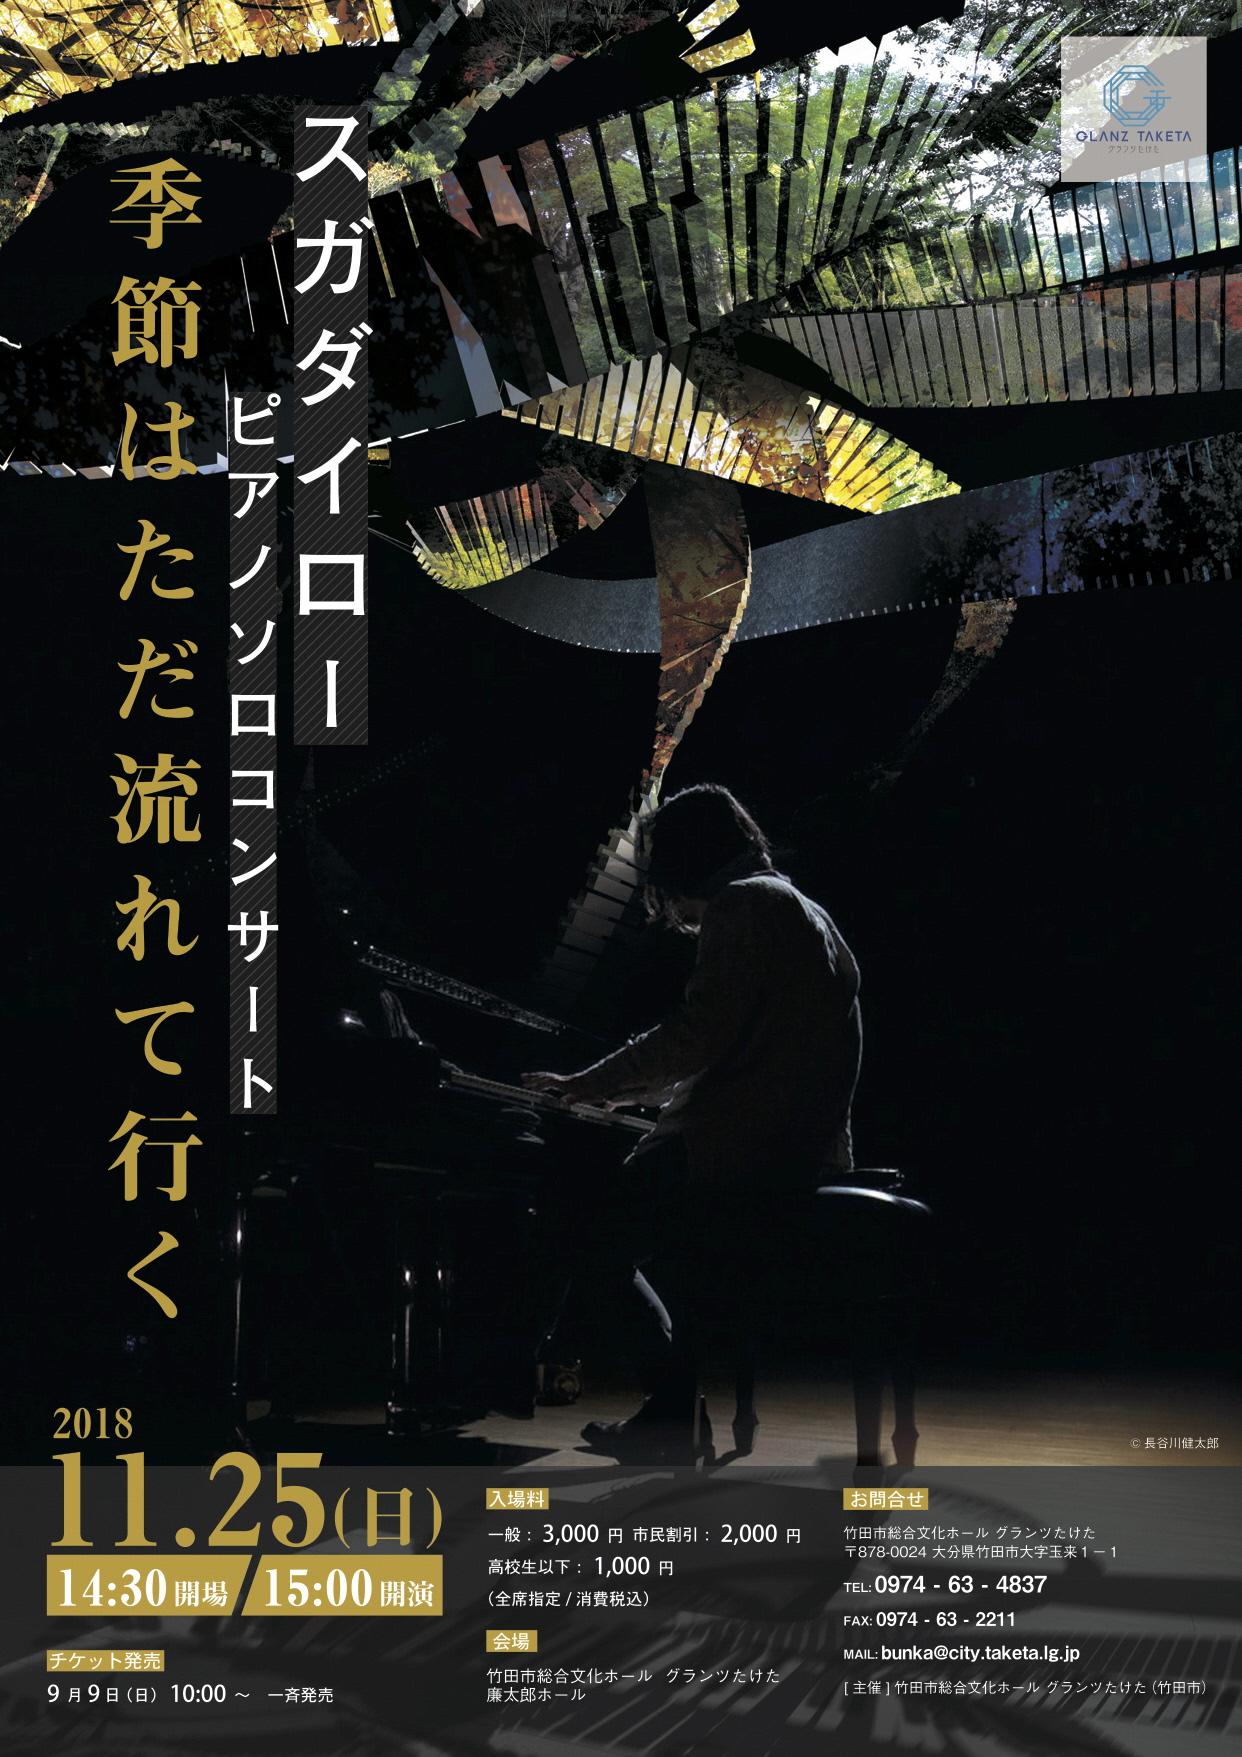 スガダイロー ピアノソロコンサート『季節はただ流れていく』